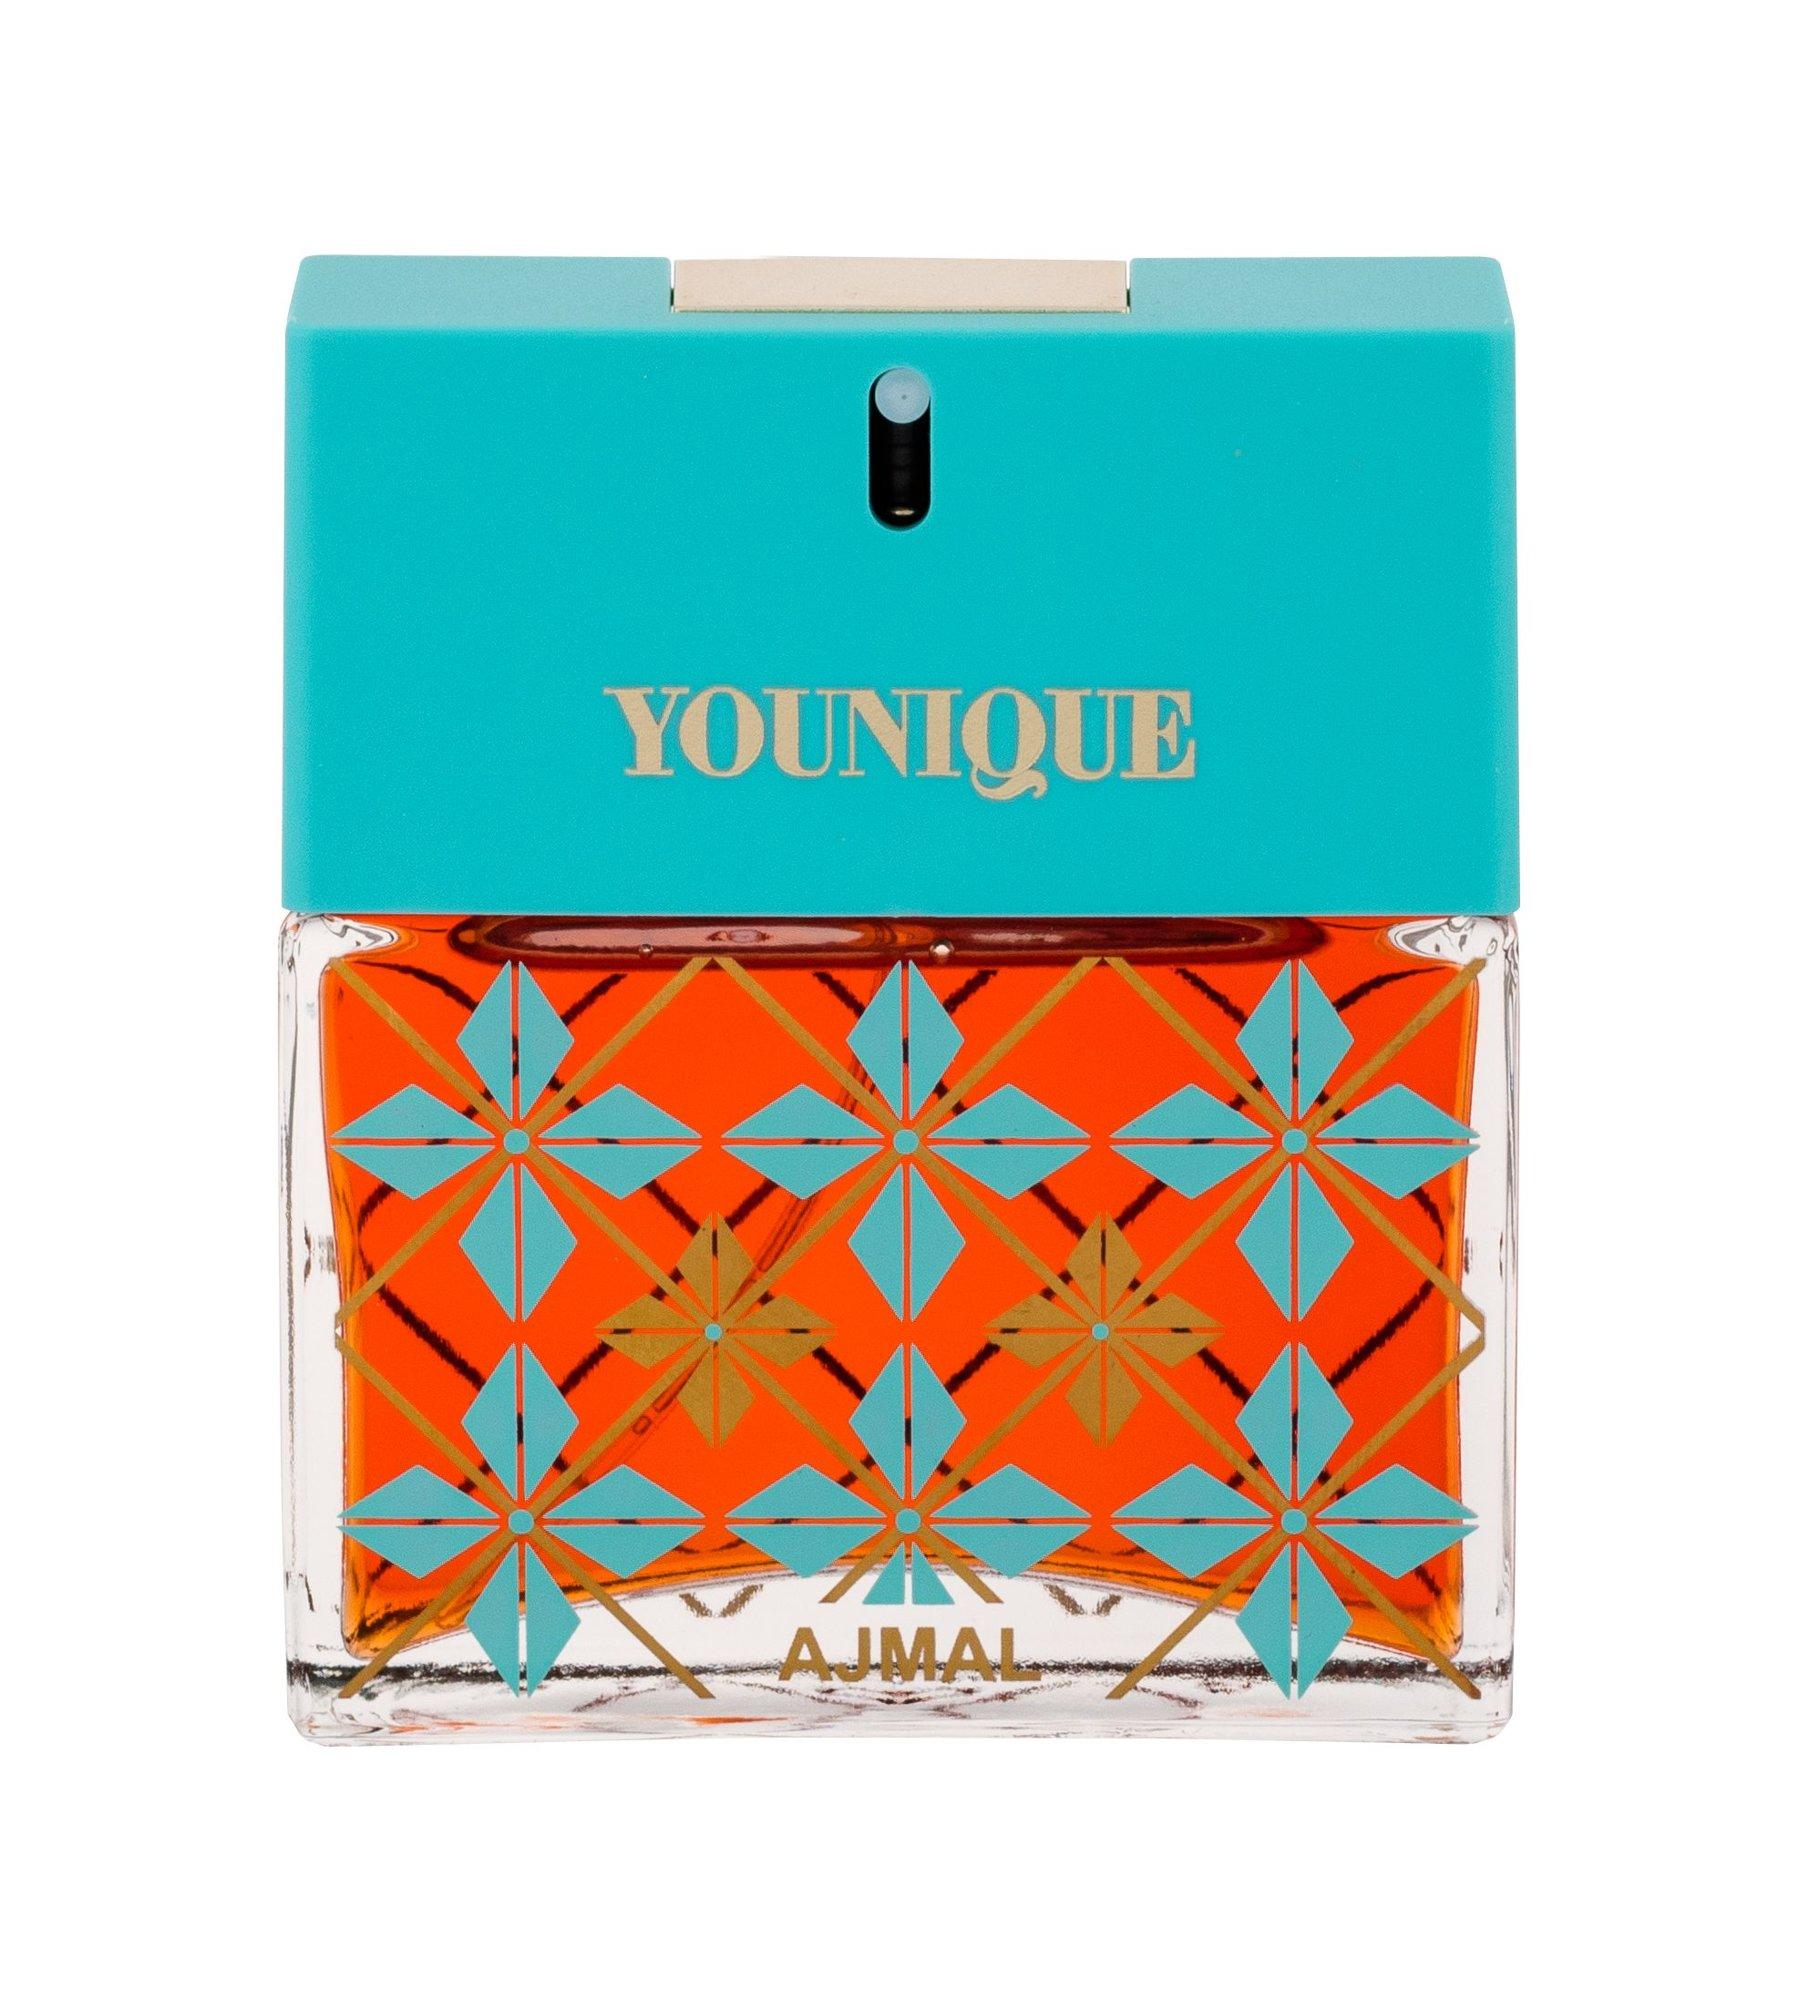 Ajmal Younique Eau de Parfum 50ml